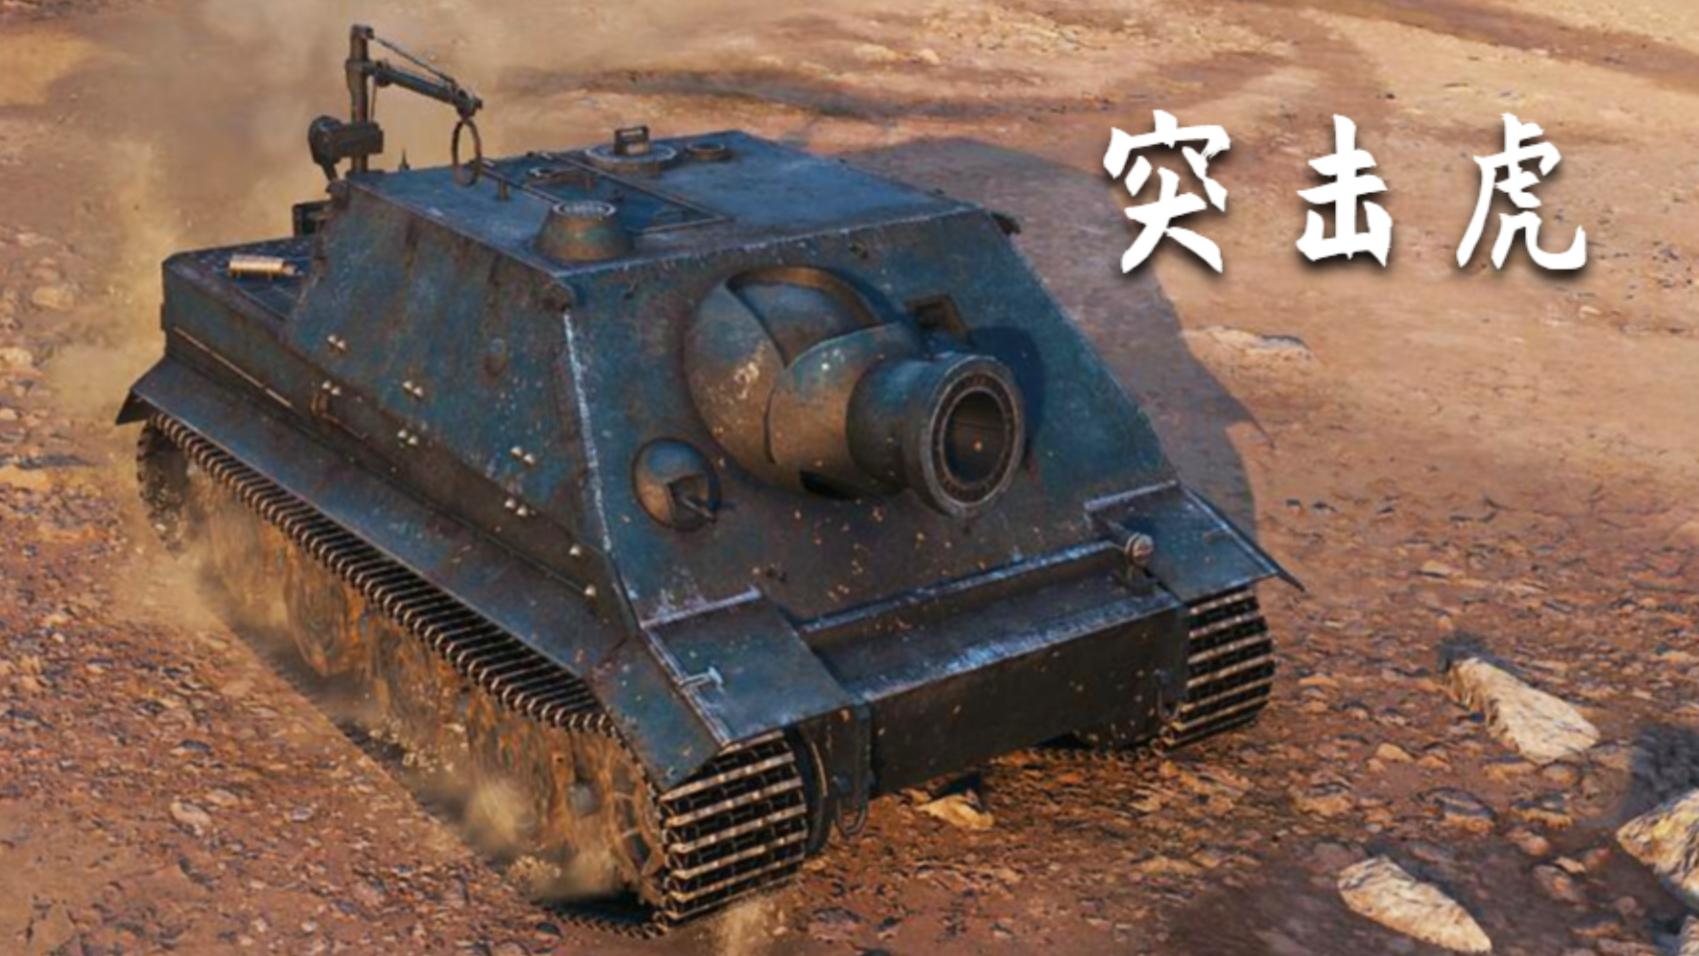 【坦克世界】突击虎:5杀 - 6万输出,口径即真理(湖边的角逐)